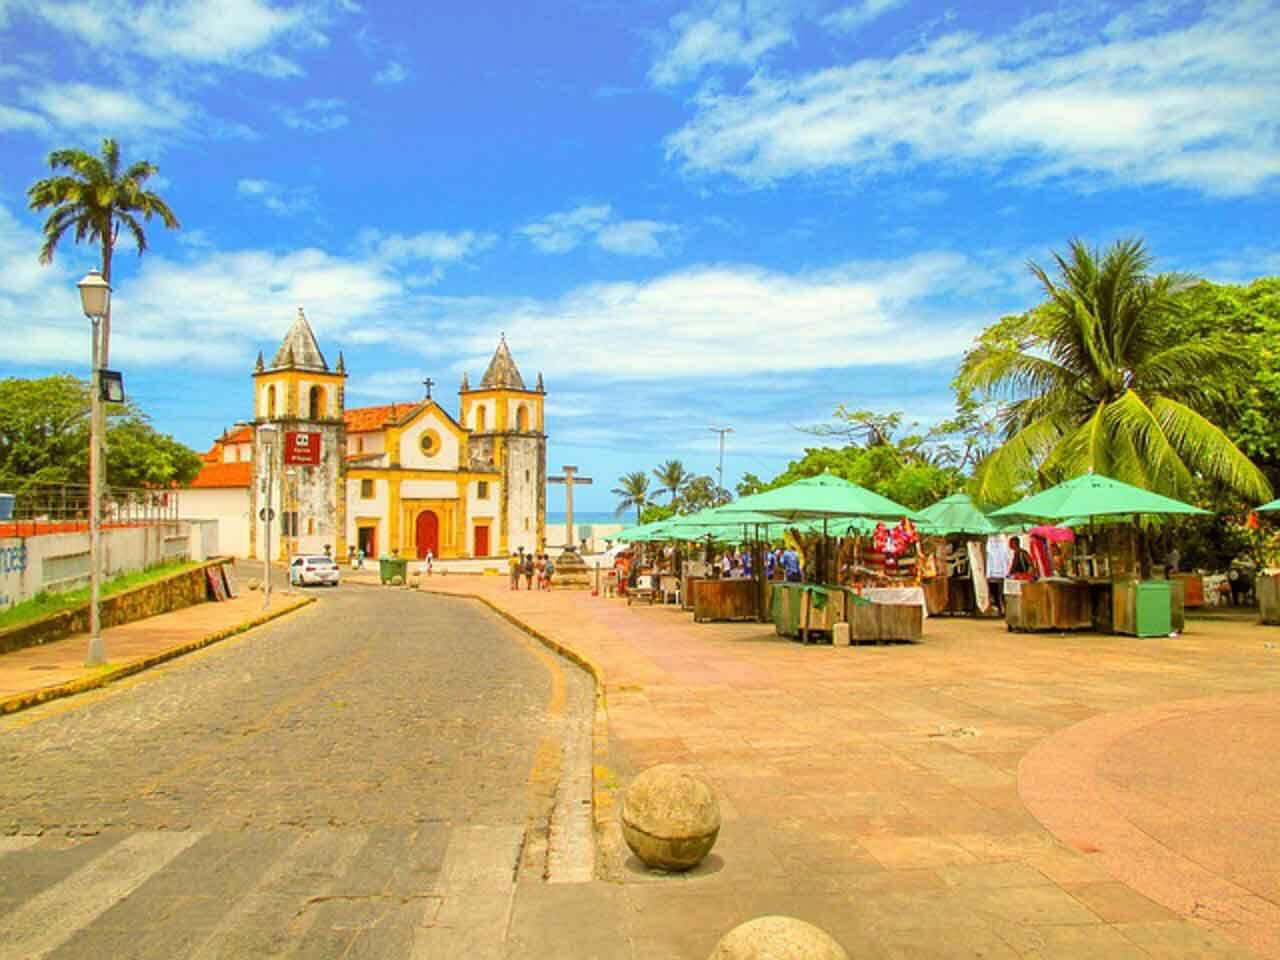 Olinda é uma das melhores cidades históricas para visitar do Brasil